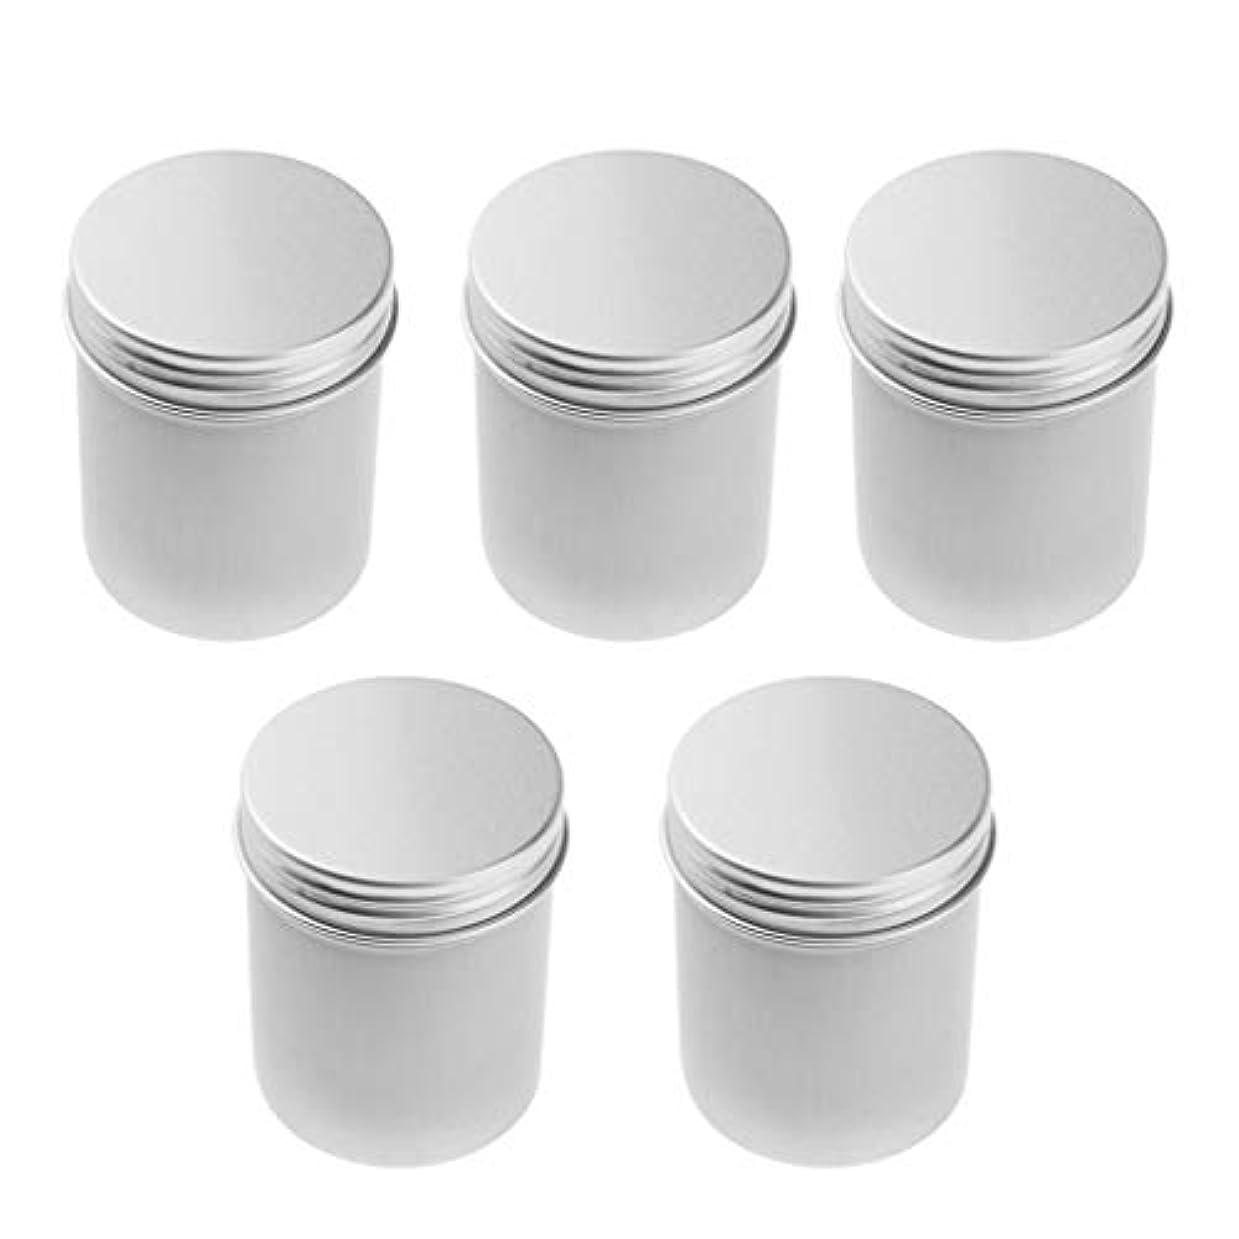 クリスチャンデザイナー乙女IPOTCH アルミ缶 ポット コスメ 化粧品 詰替え容器 缶 ネジ蓋 高級アルミ製 5本 80ミリリットル 汎用